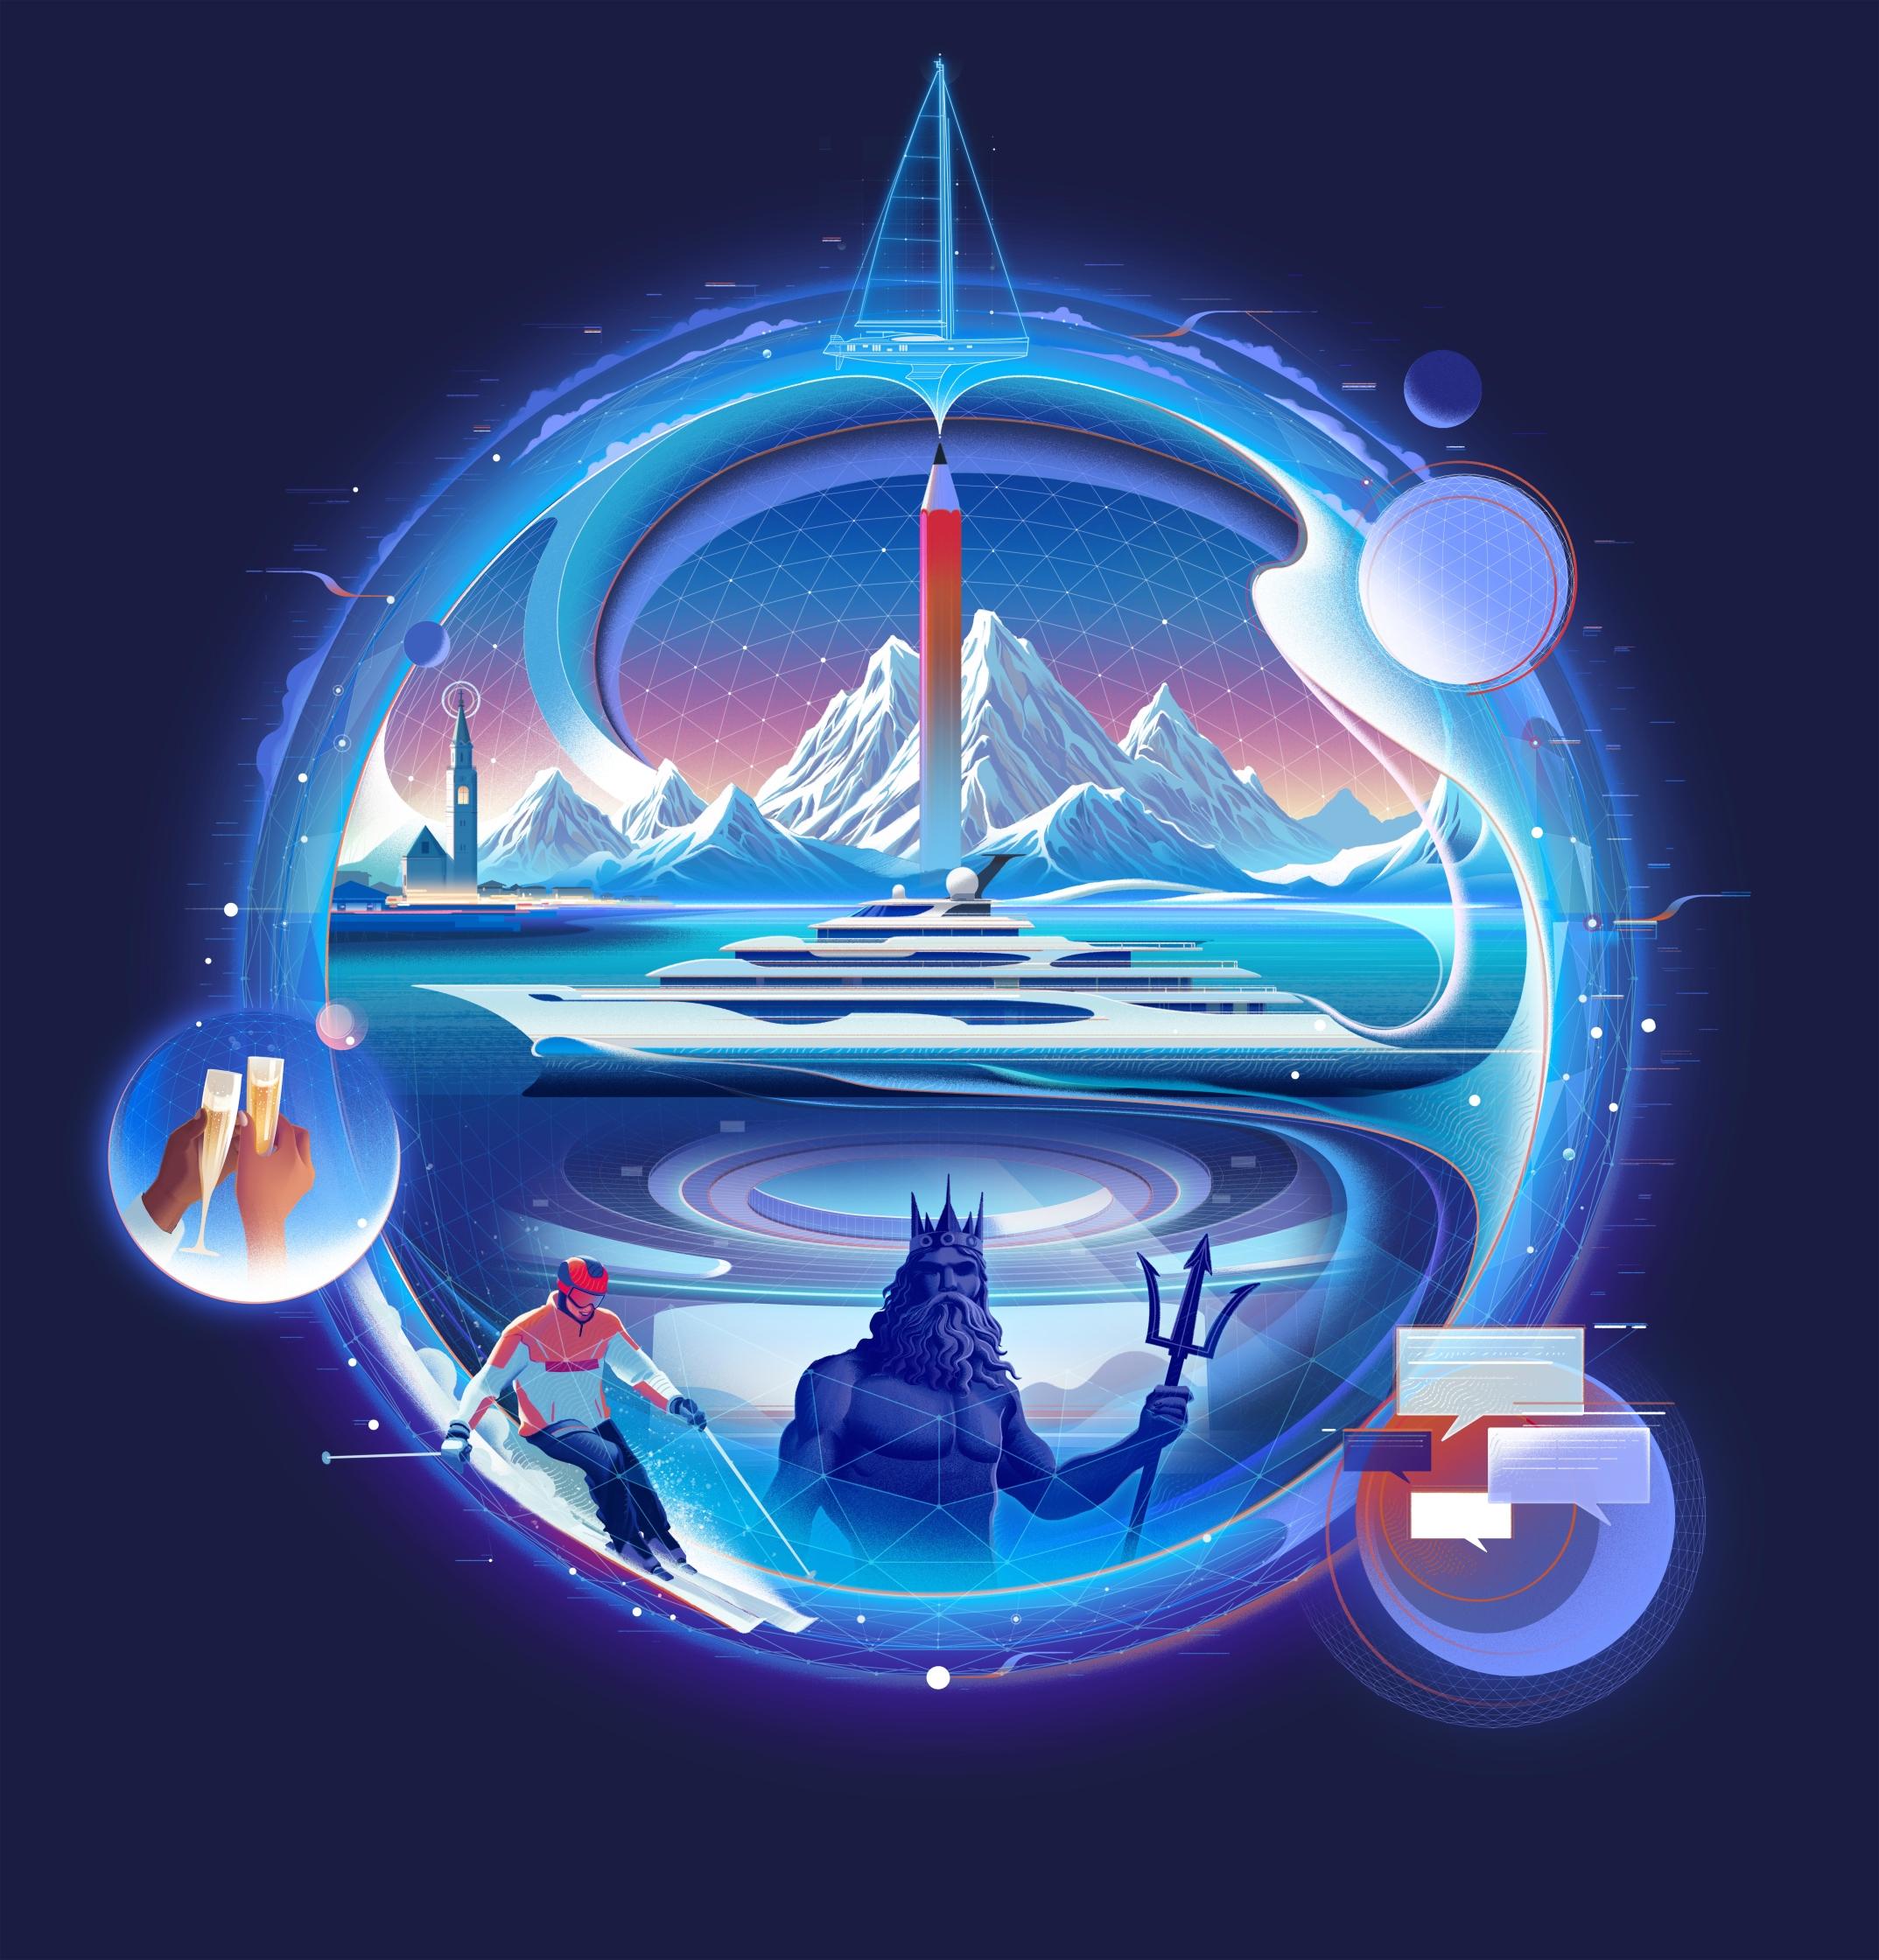 Sam Chivers for Boat International Superyacht design festival 2021.jpg